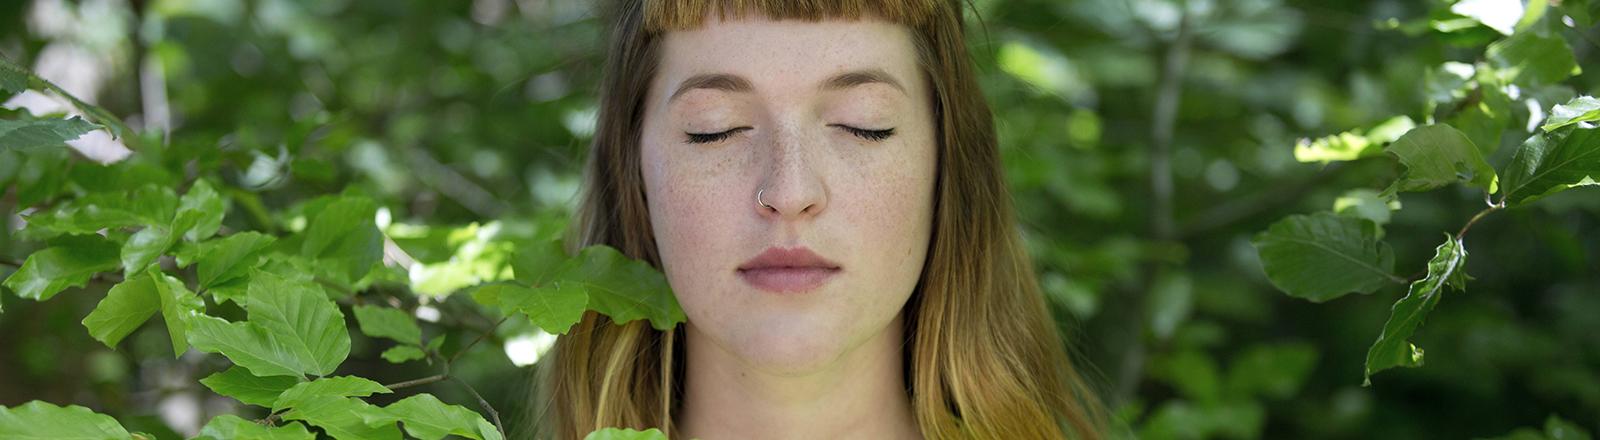 Eine Frau steht mit geschlossenen Augen unter einem Baum.